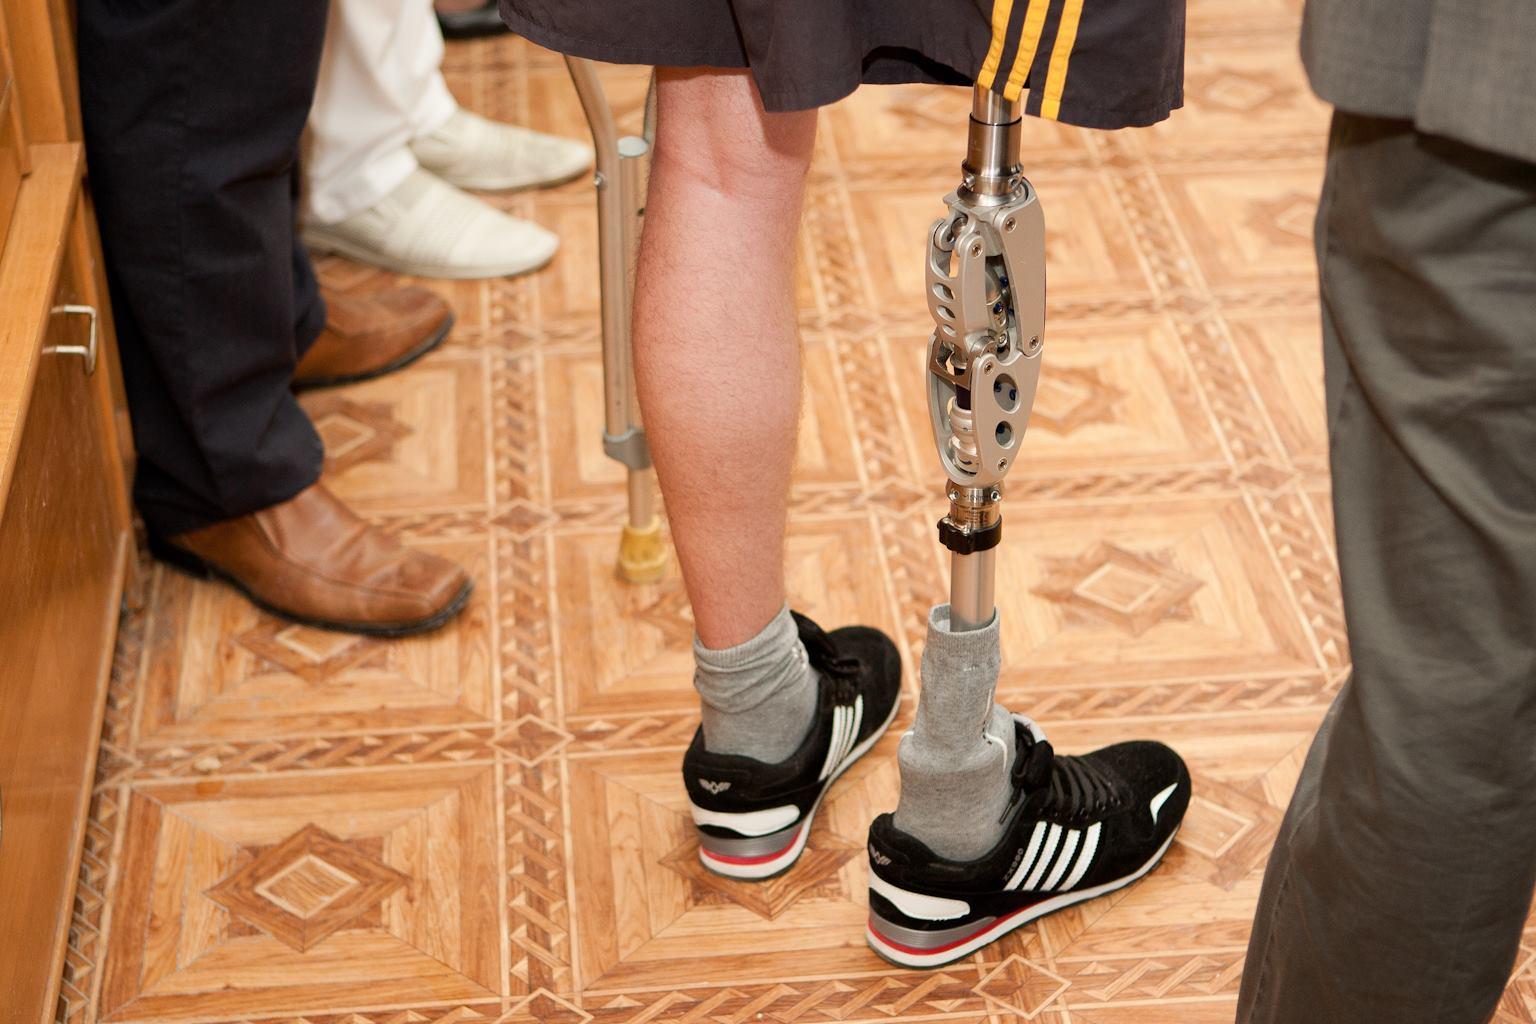 Хлопець втратив руку в решетилівці 5 фотография